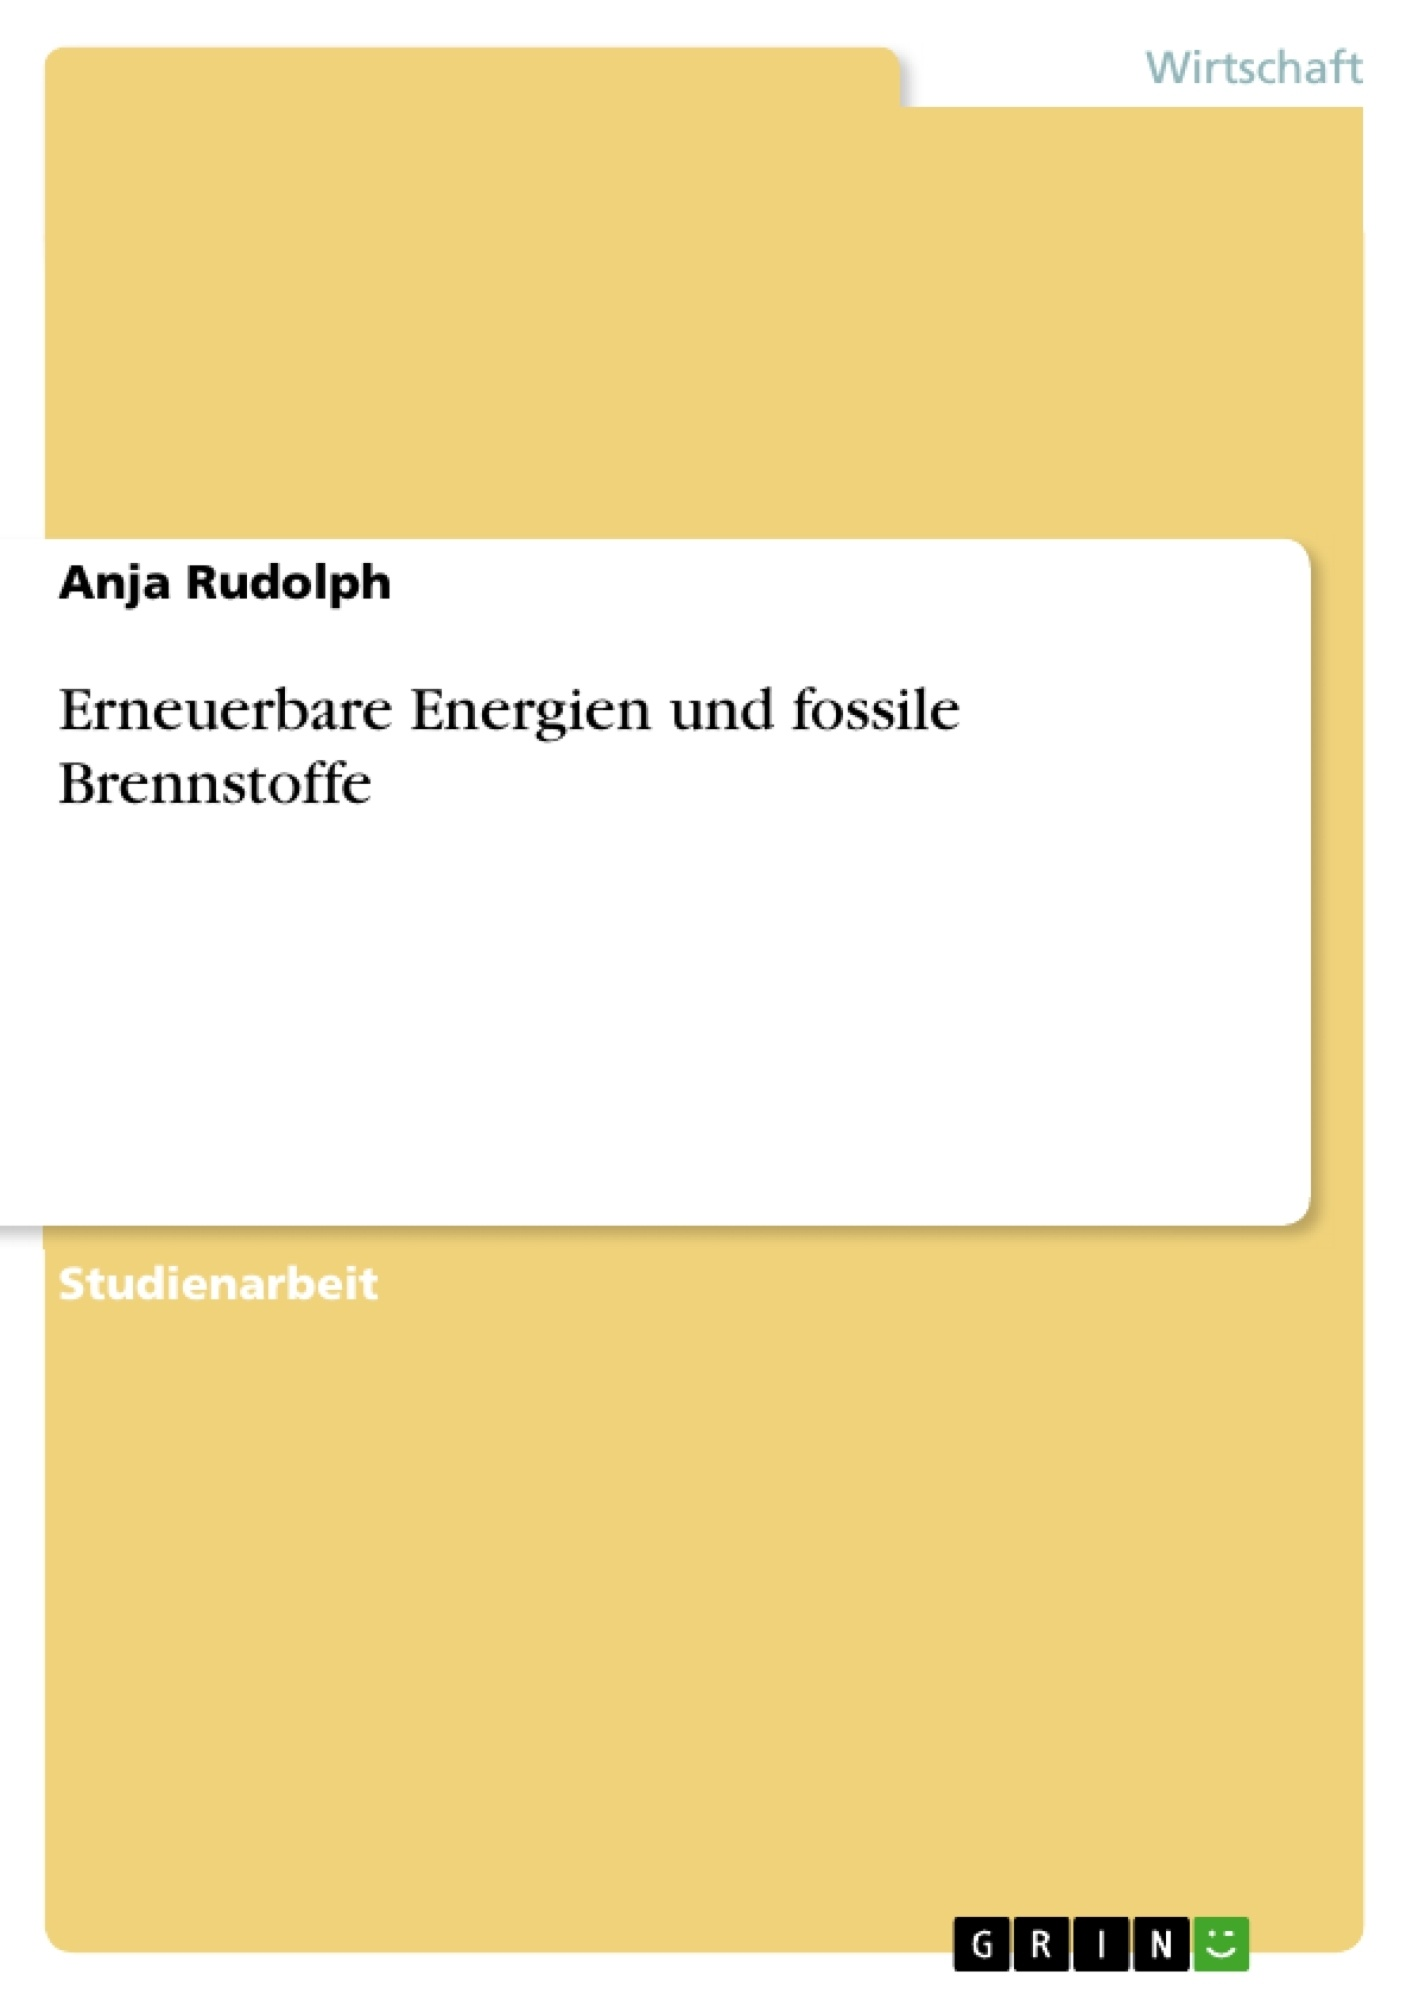 Titel: Erneuerbare Energien und fossile Brennstoffe